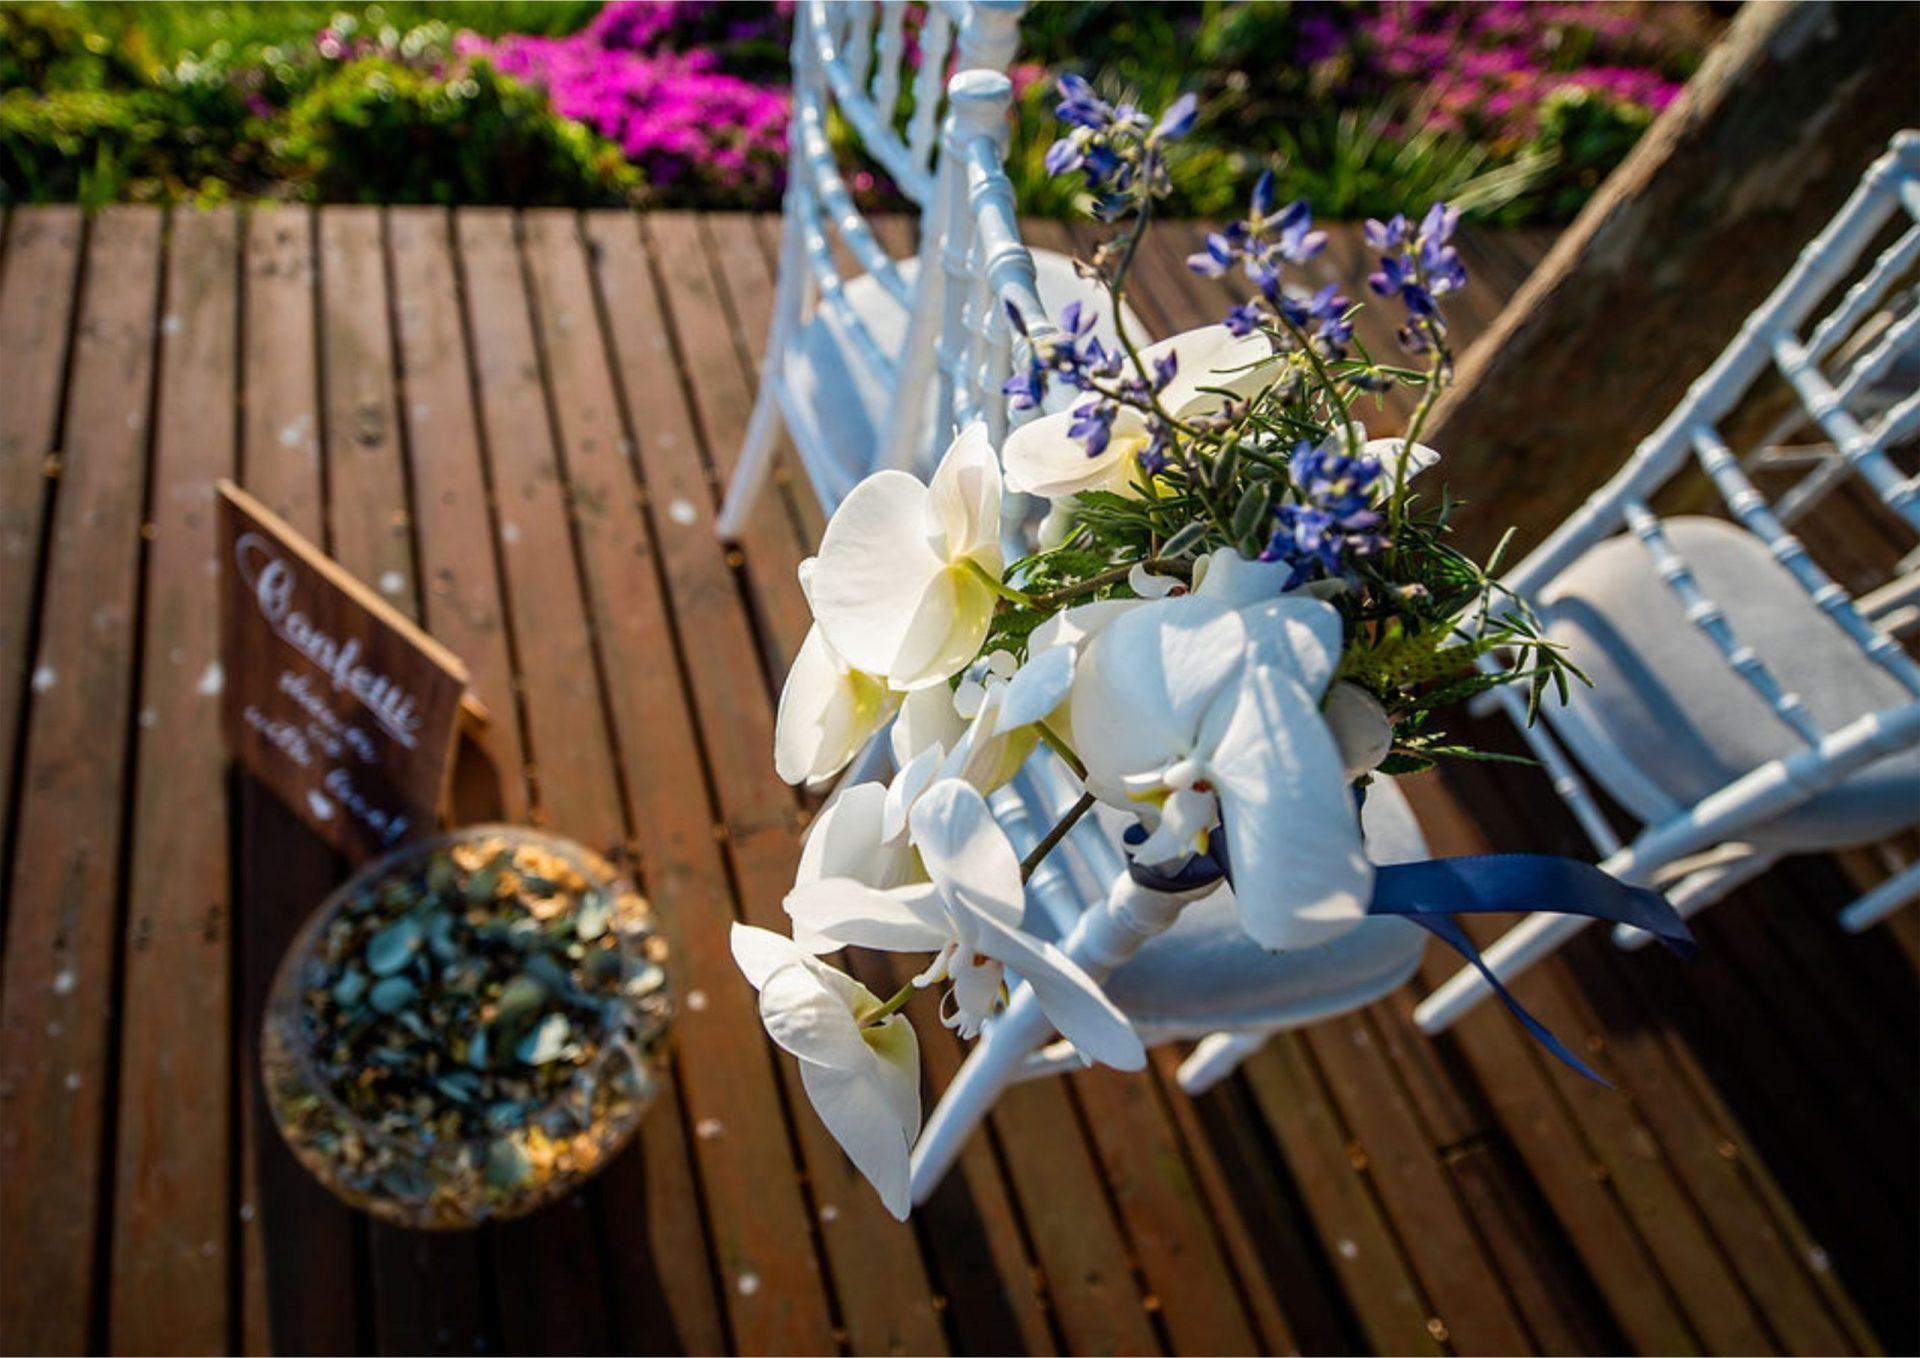 Bruidsgids Wedding Guide My Pretty Vintage Wedding Confetti Settings Wedding Decor Photography by Gustav Klotz